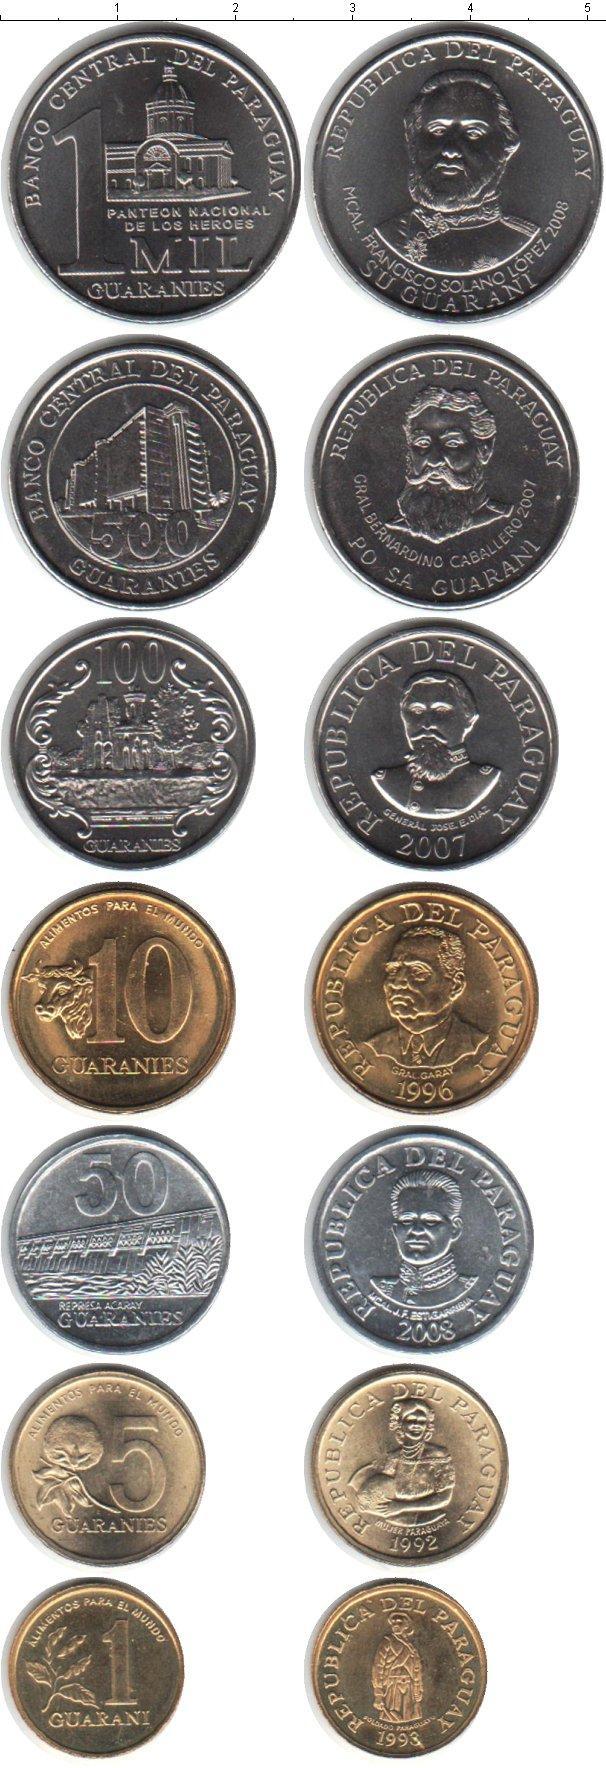 Каталог монет - Парагвай Парагвай 1992-2008